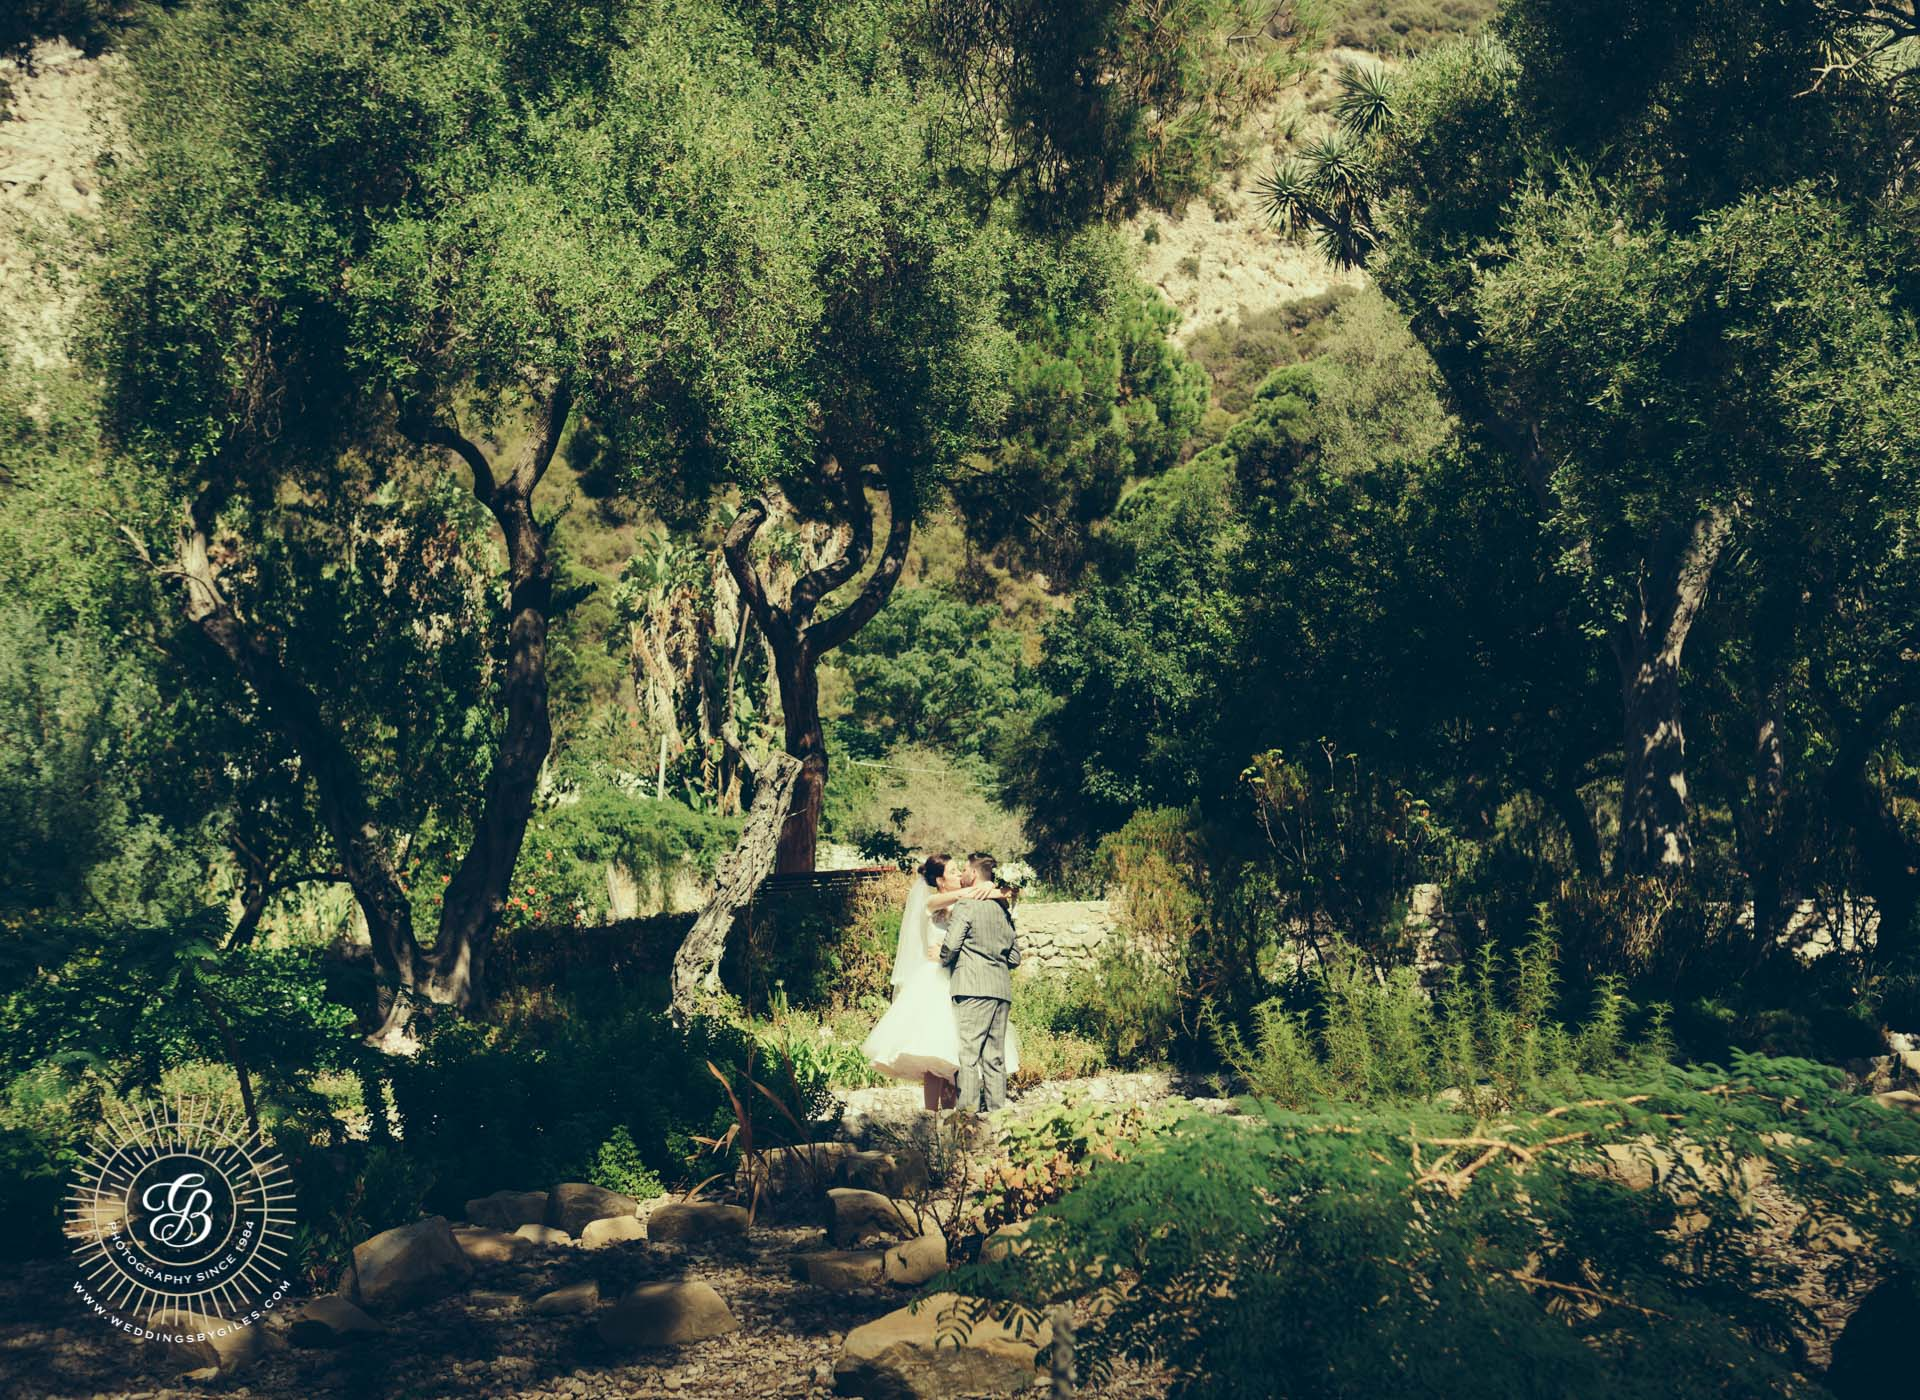 Gibraltar Garden Wedding photo shoot